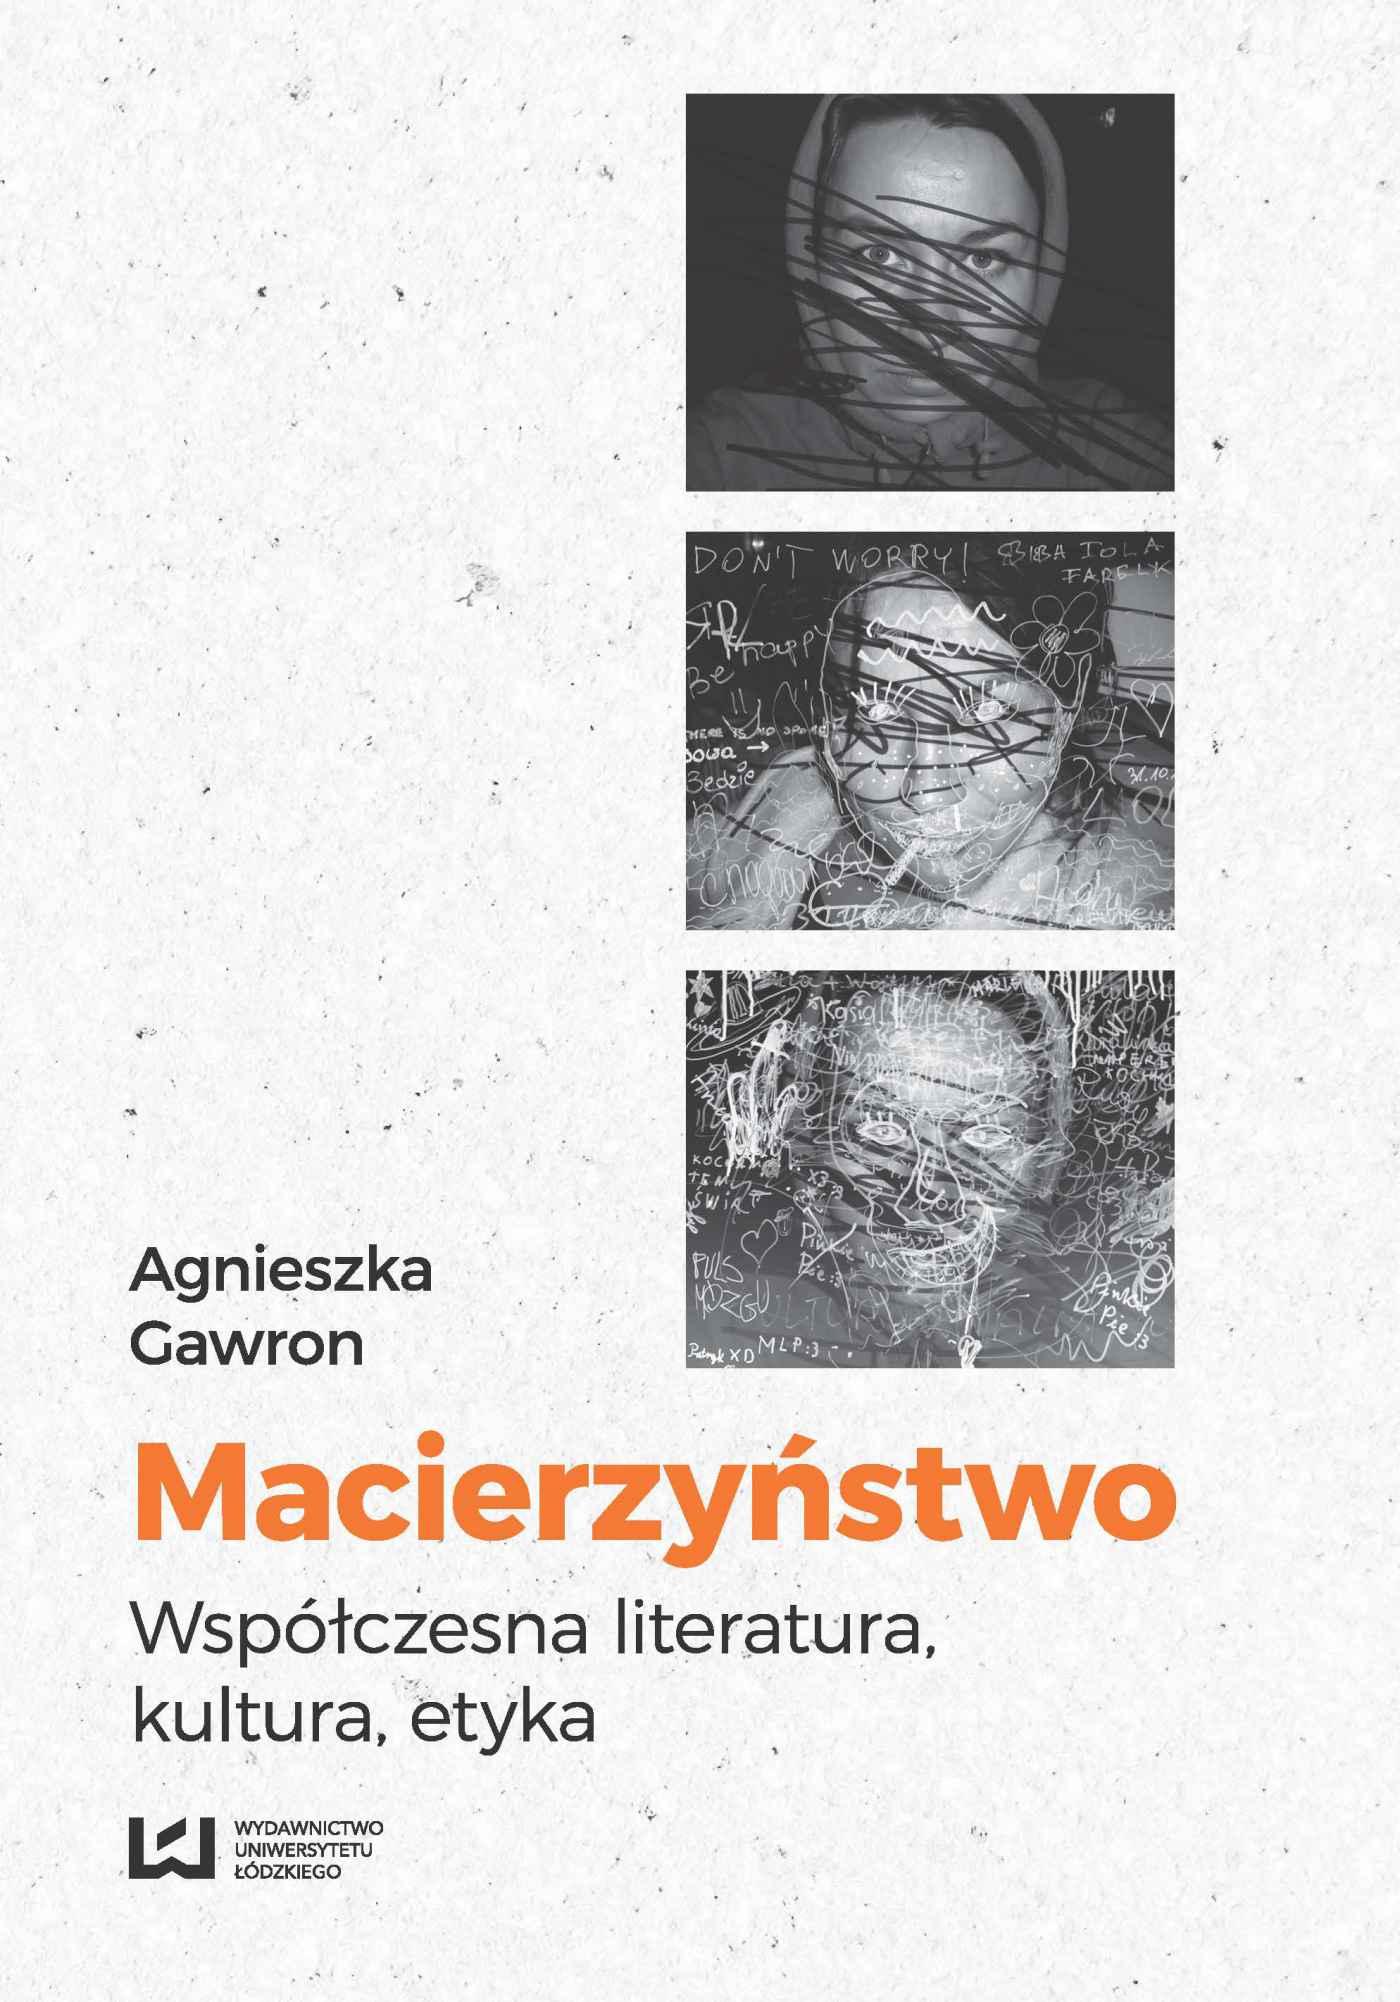 Macierzyństwo. Współczesna literatura, kultura, etyka - Ebook (Książka EPUB) do pobrania w formacie EPUB